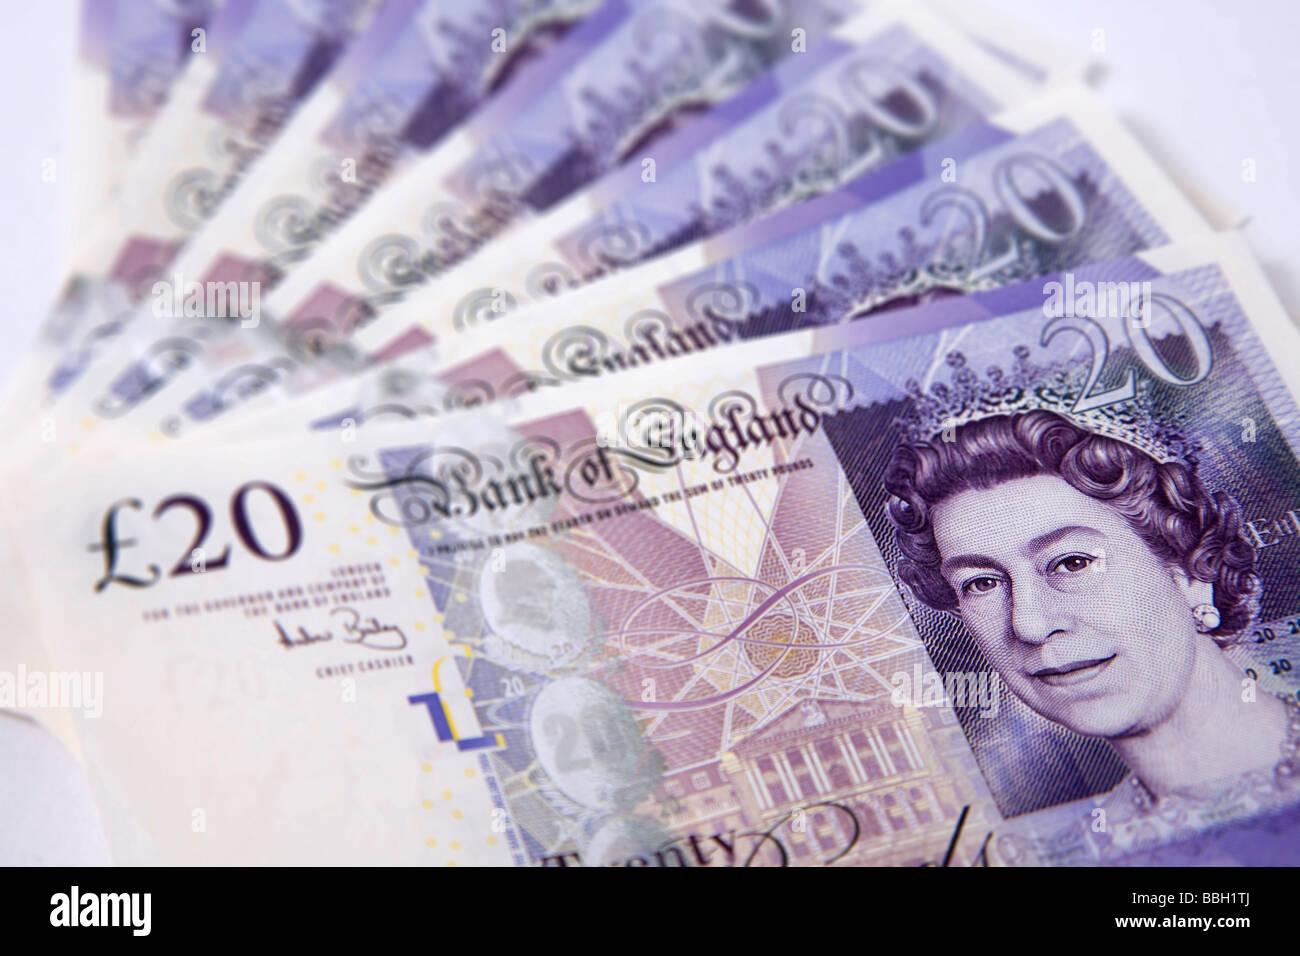 'Vingt livres' 'note' de 20 livres sterling argent ensemble notes monnaie pile Photo Stock